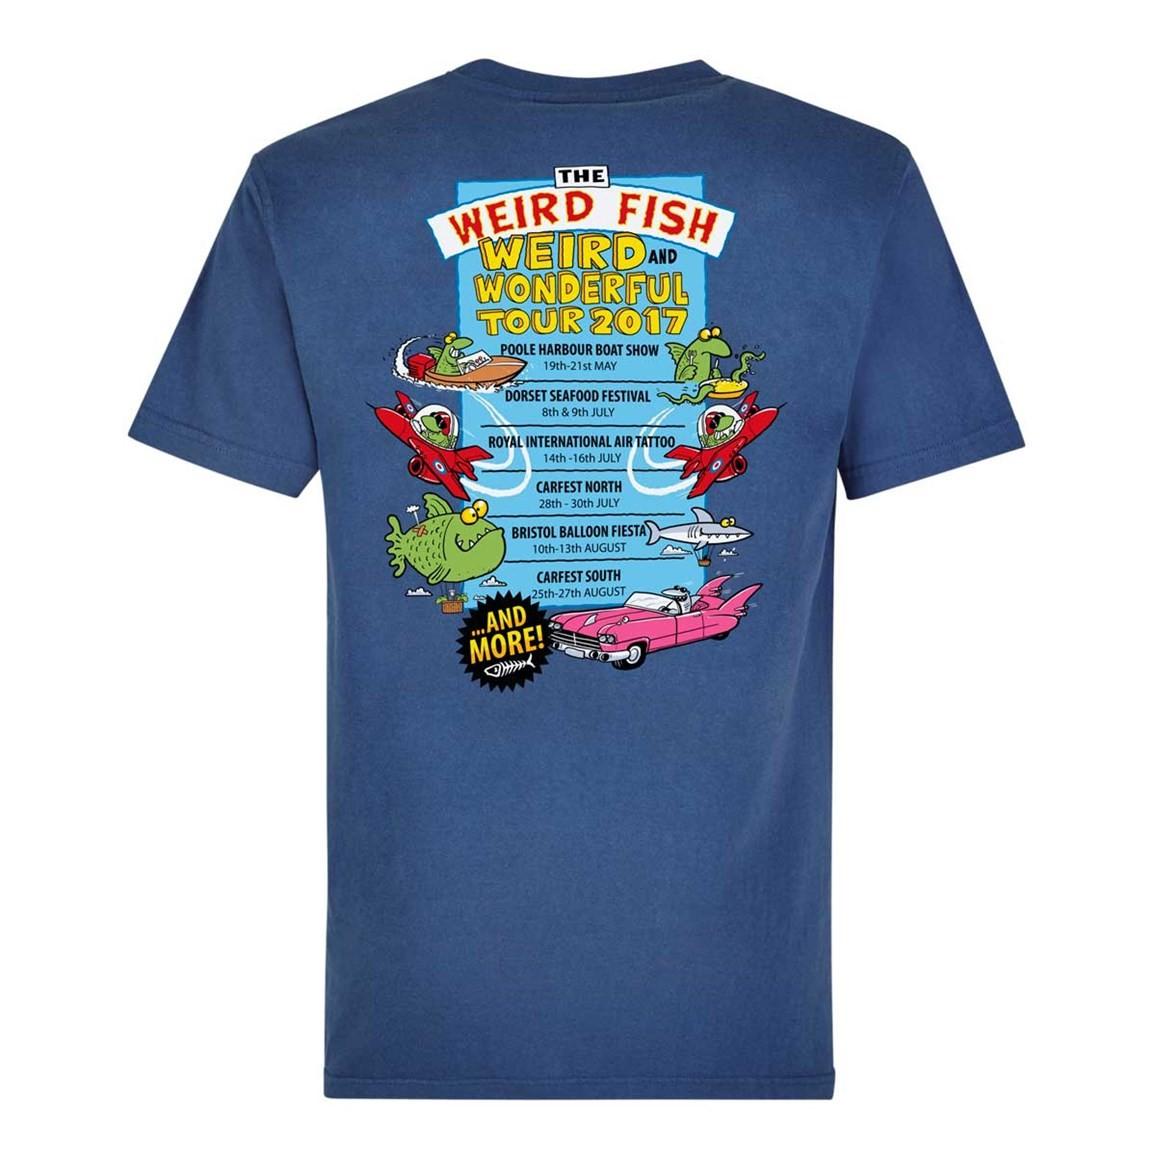 Weird fish weird wonderful tour artist t shirt ebay for Weird fish t shirts